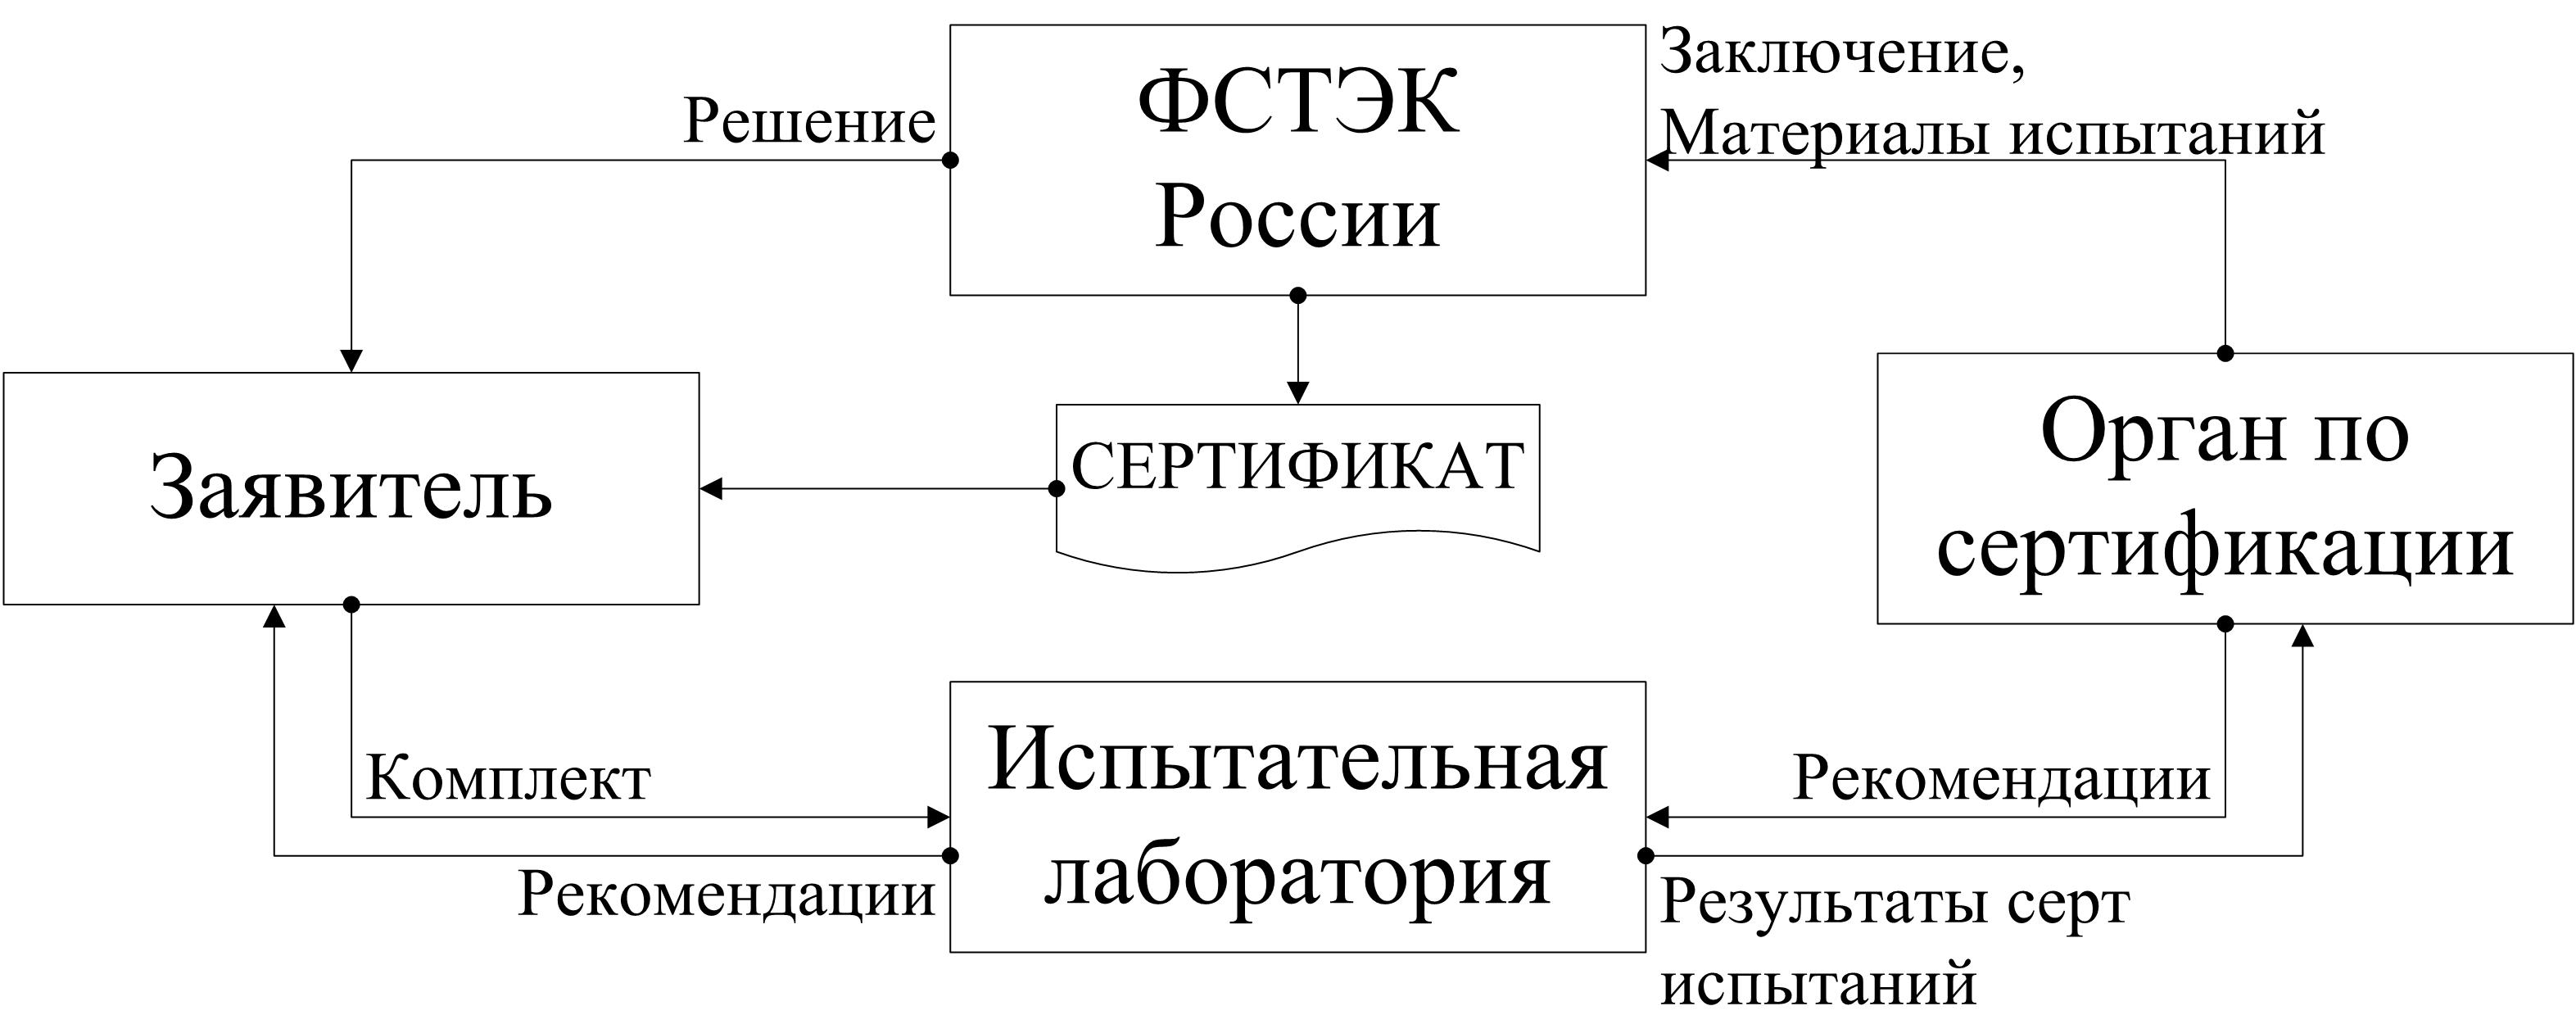 Сертификация программного обеспечения россия сертификат соответствия гост р исо 9001-2001 исо 9001 2000